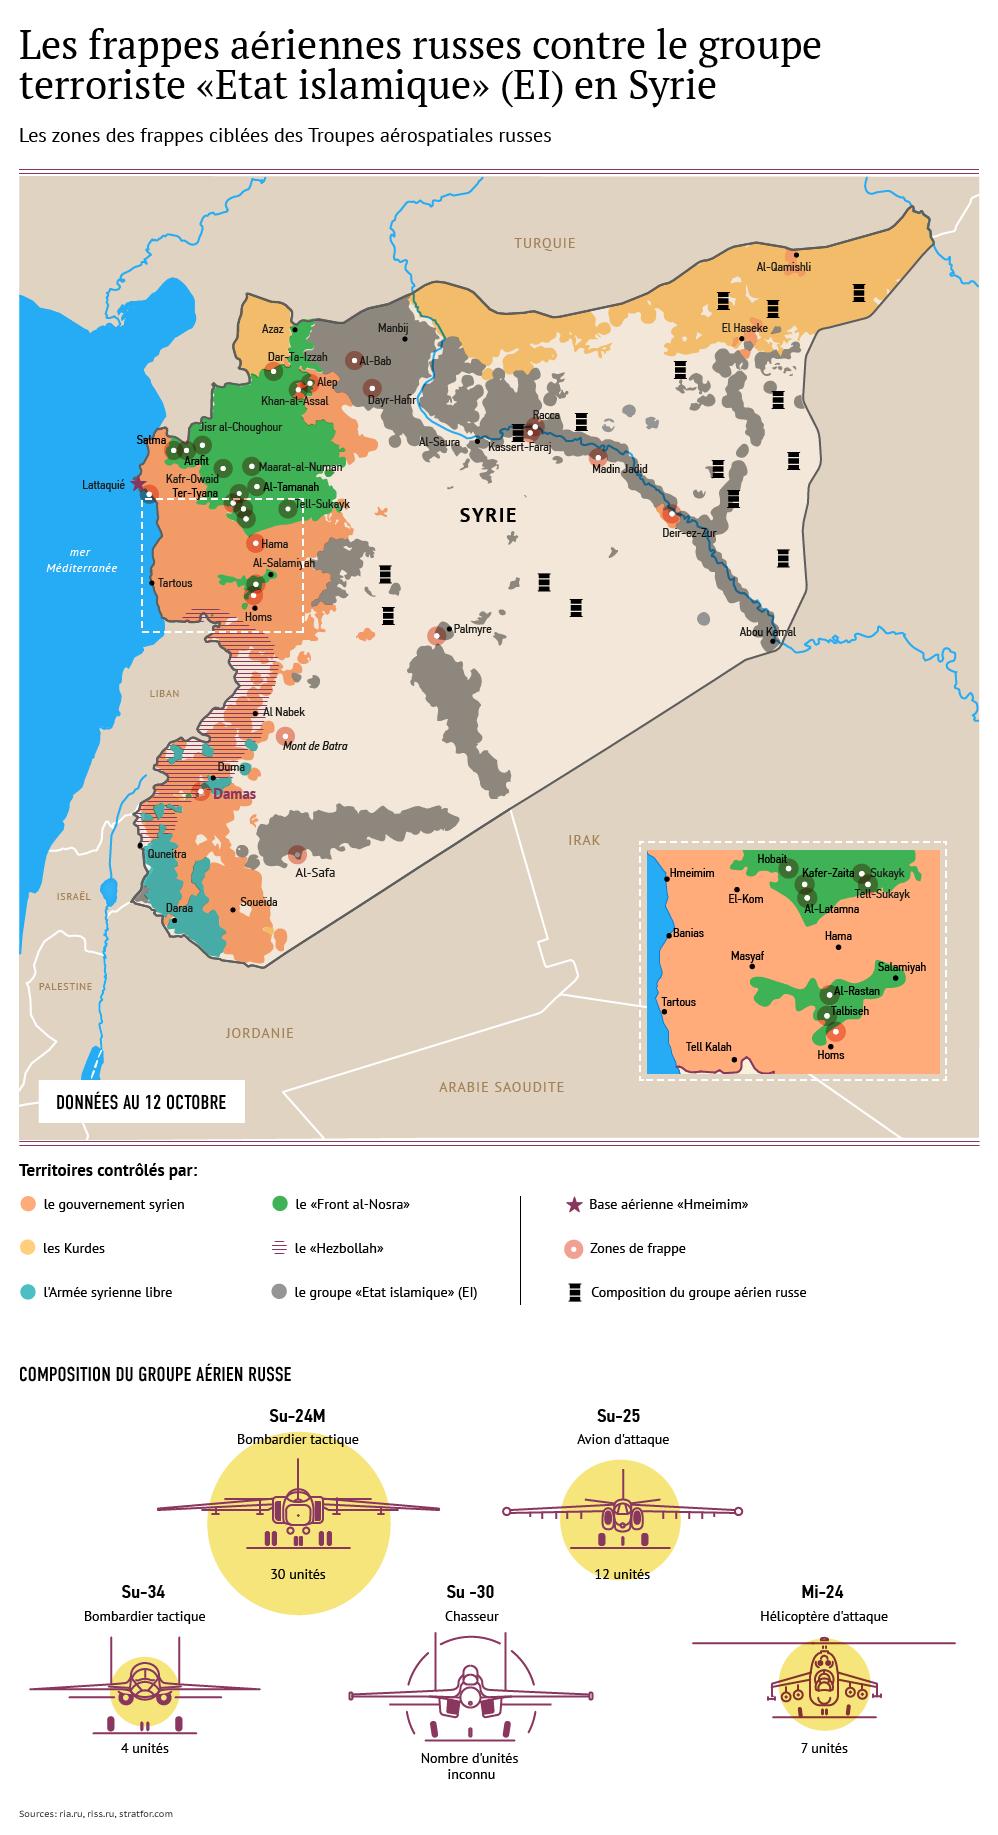 Les frappes aériennes russes contre l'EI en Syrie